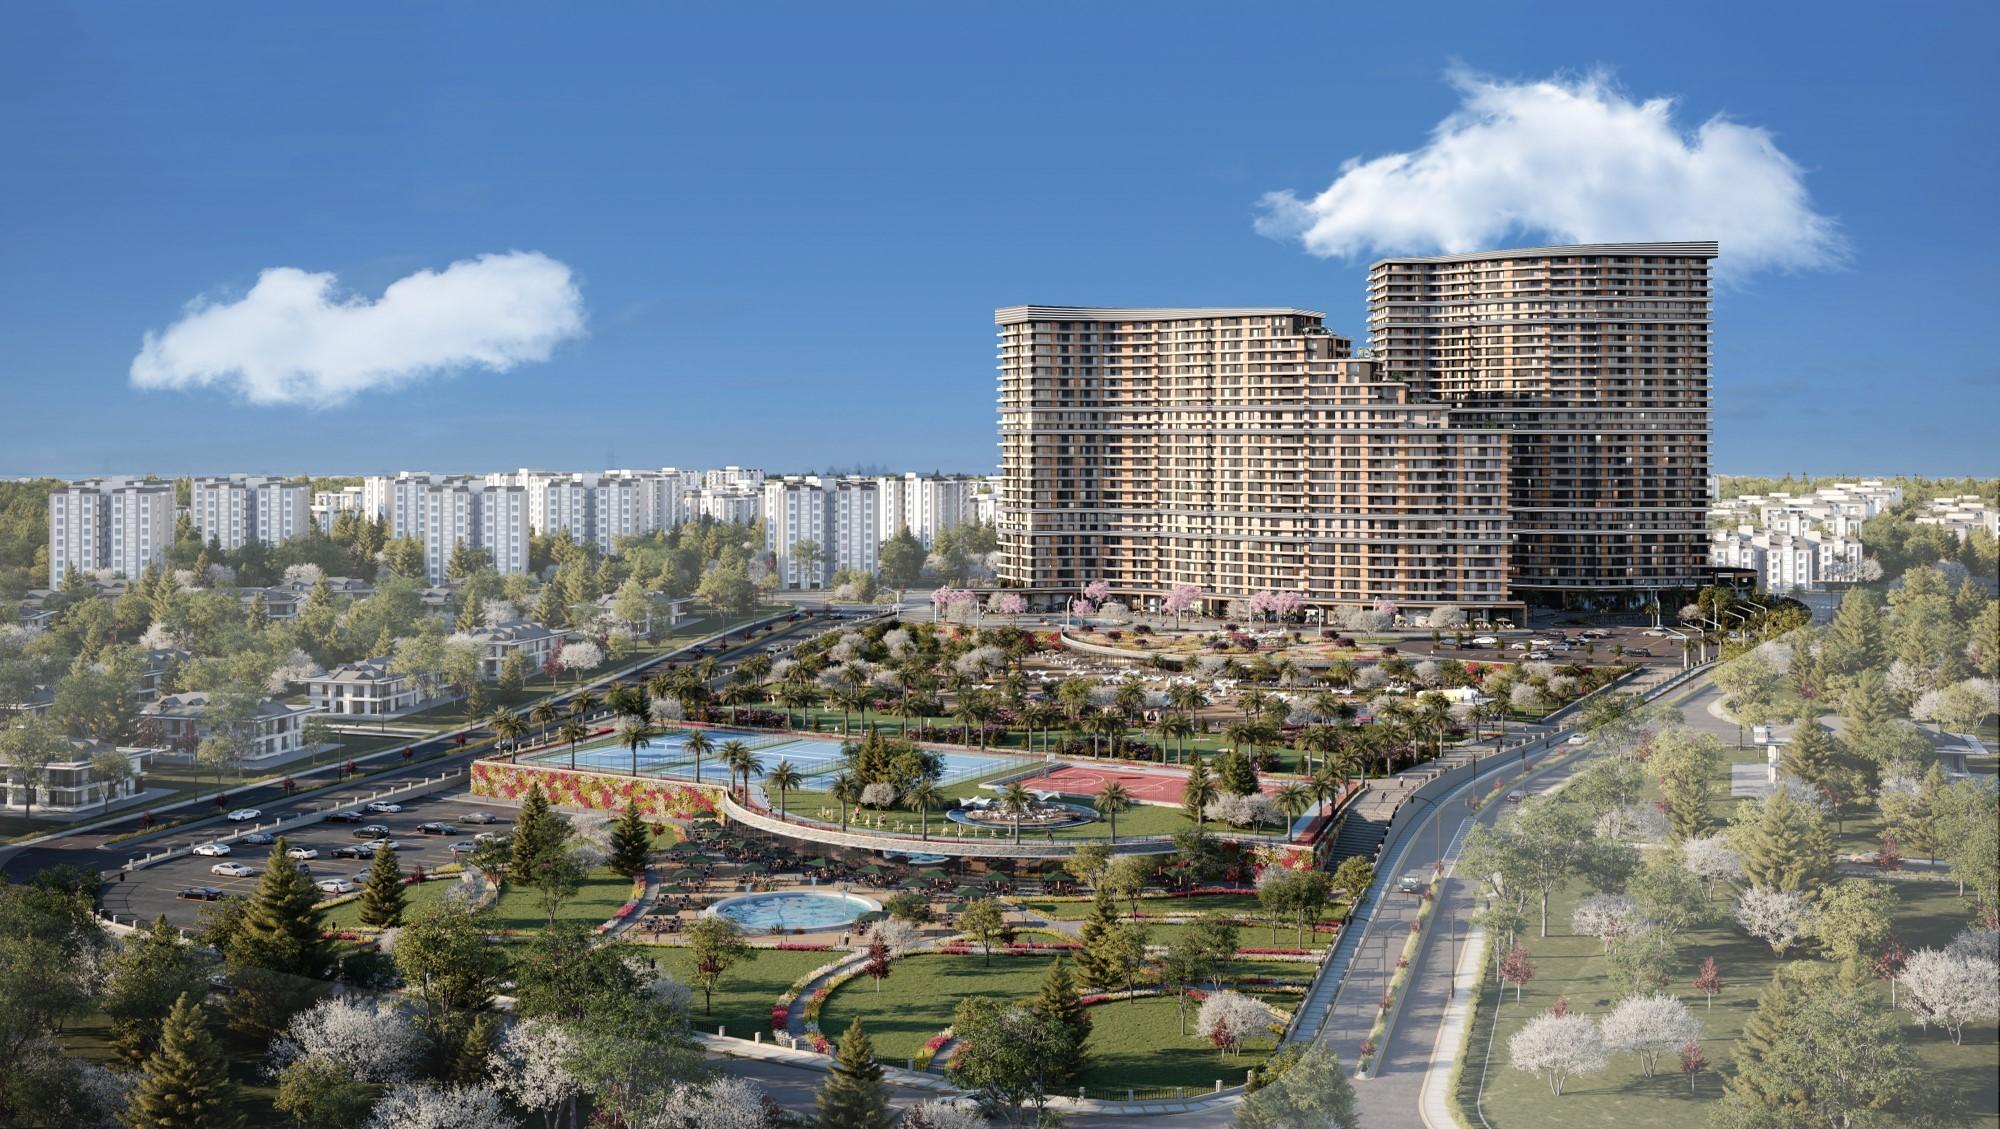 Demir Country nằm ở quận Beylikduzu, một trong những khu vực đang phát triển quan trọng nhất thành phố Istanbul